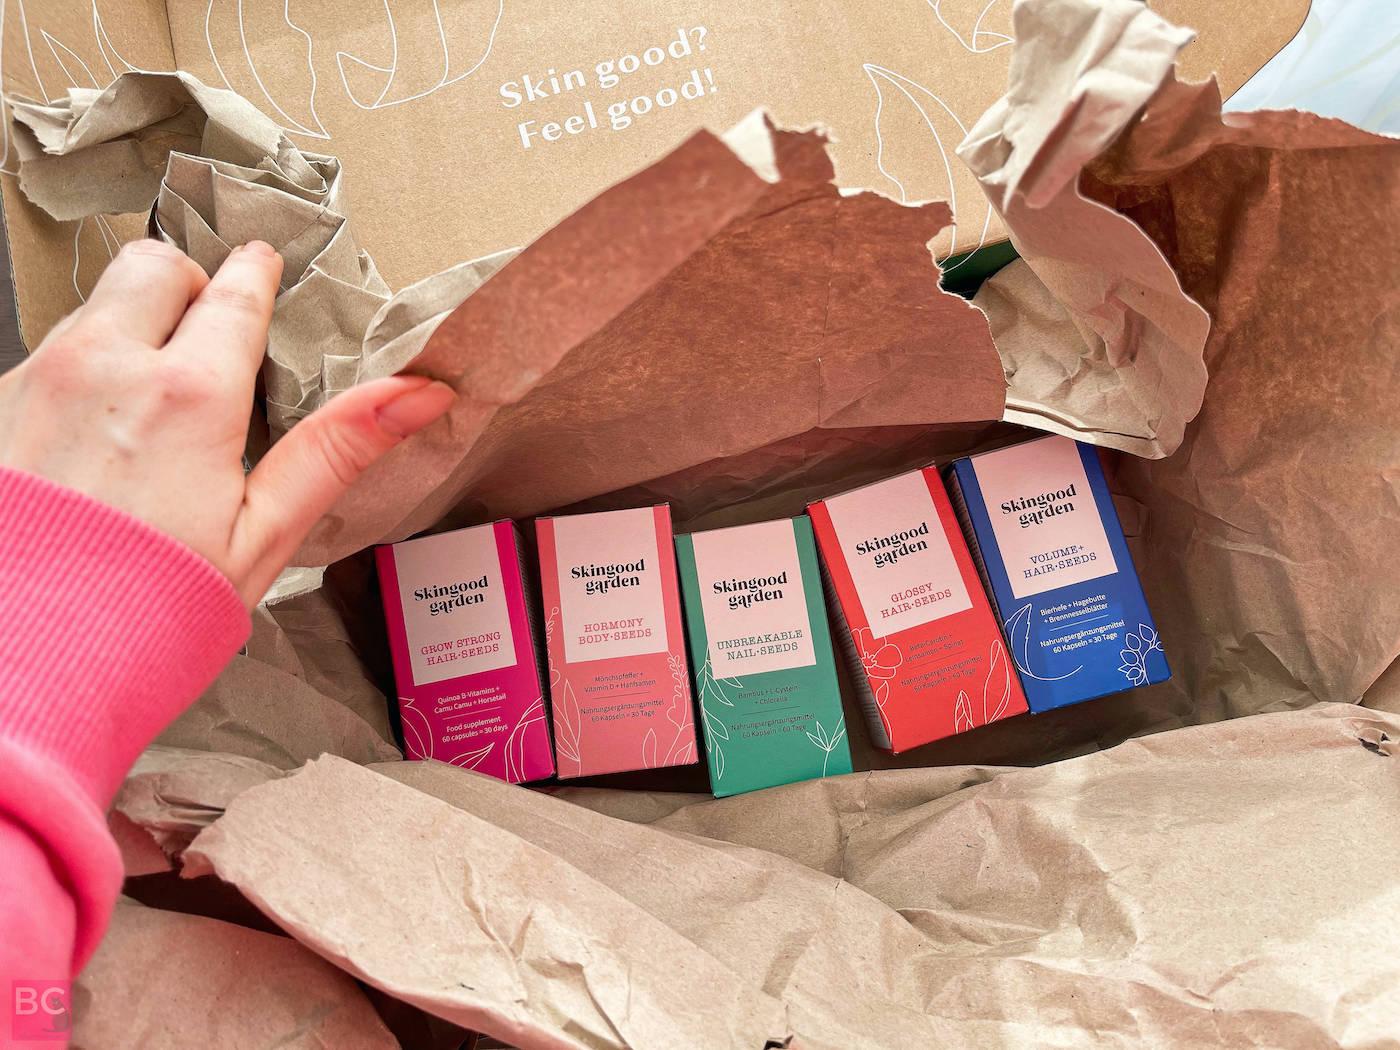 Skin Body Hair Nail Seeds Kapseln Karton Verpackung Skingood Garden Erfahrungen